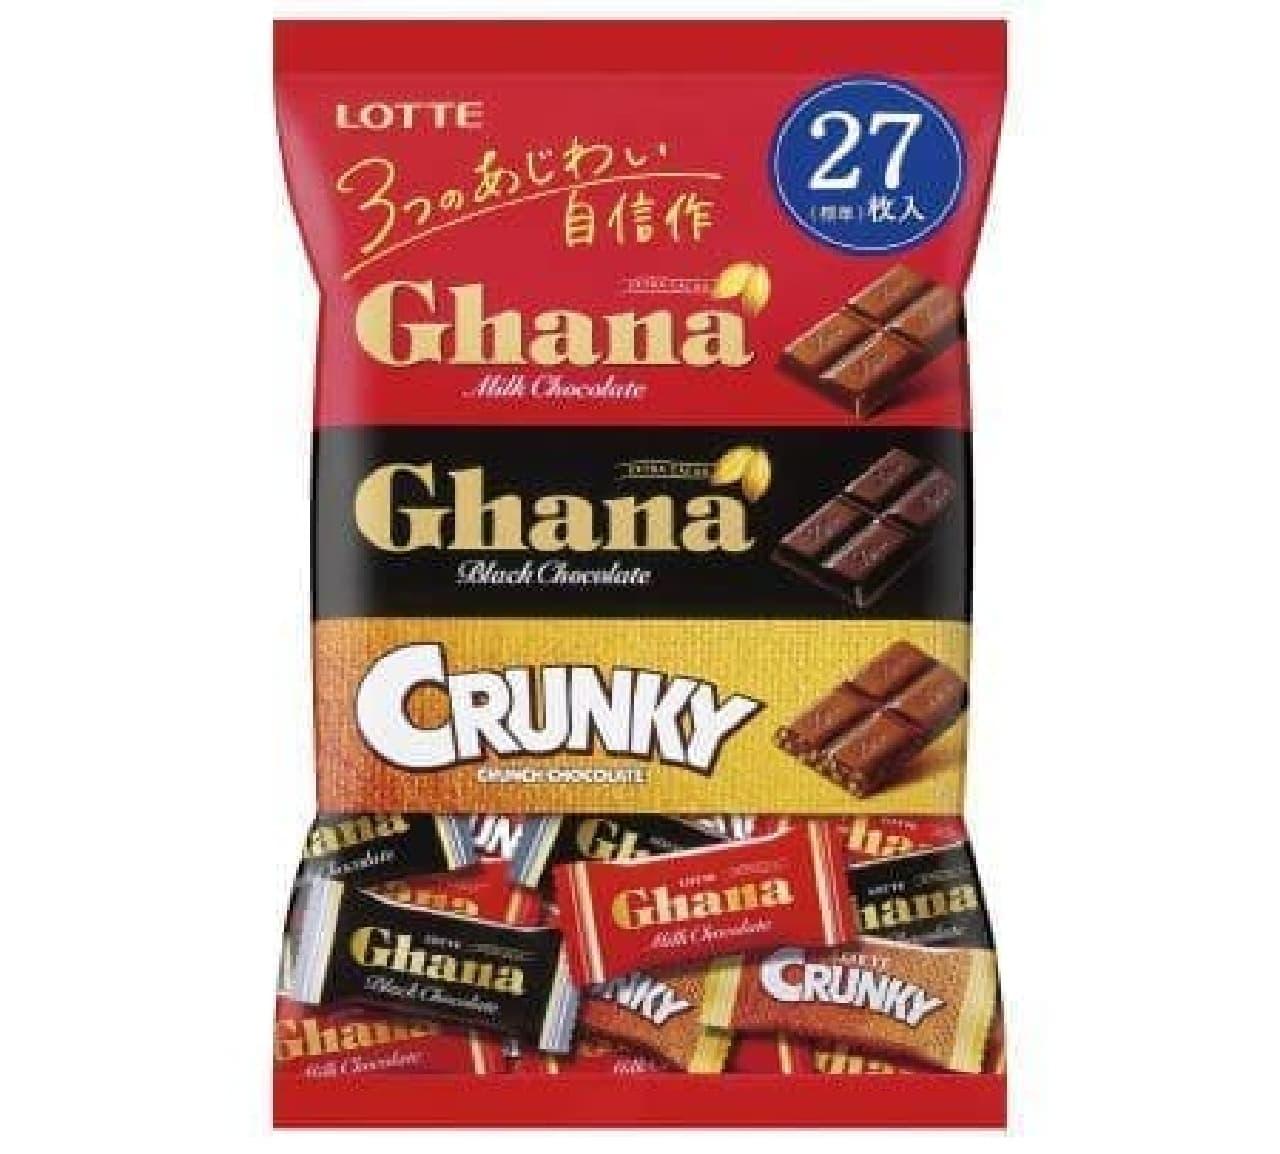 ガーナ&クランキーアソートパックはガーナミルク、ガーナブラック、クランキーが入った3種のチョコレートが楽しめるアソートパック